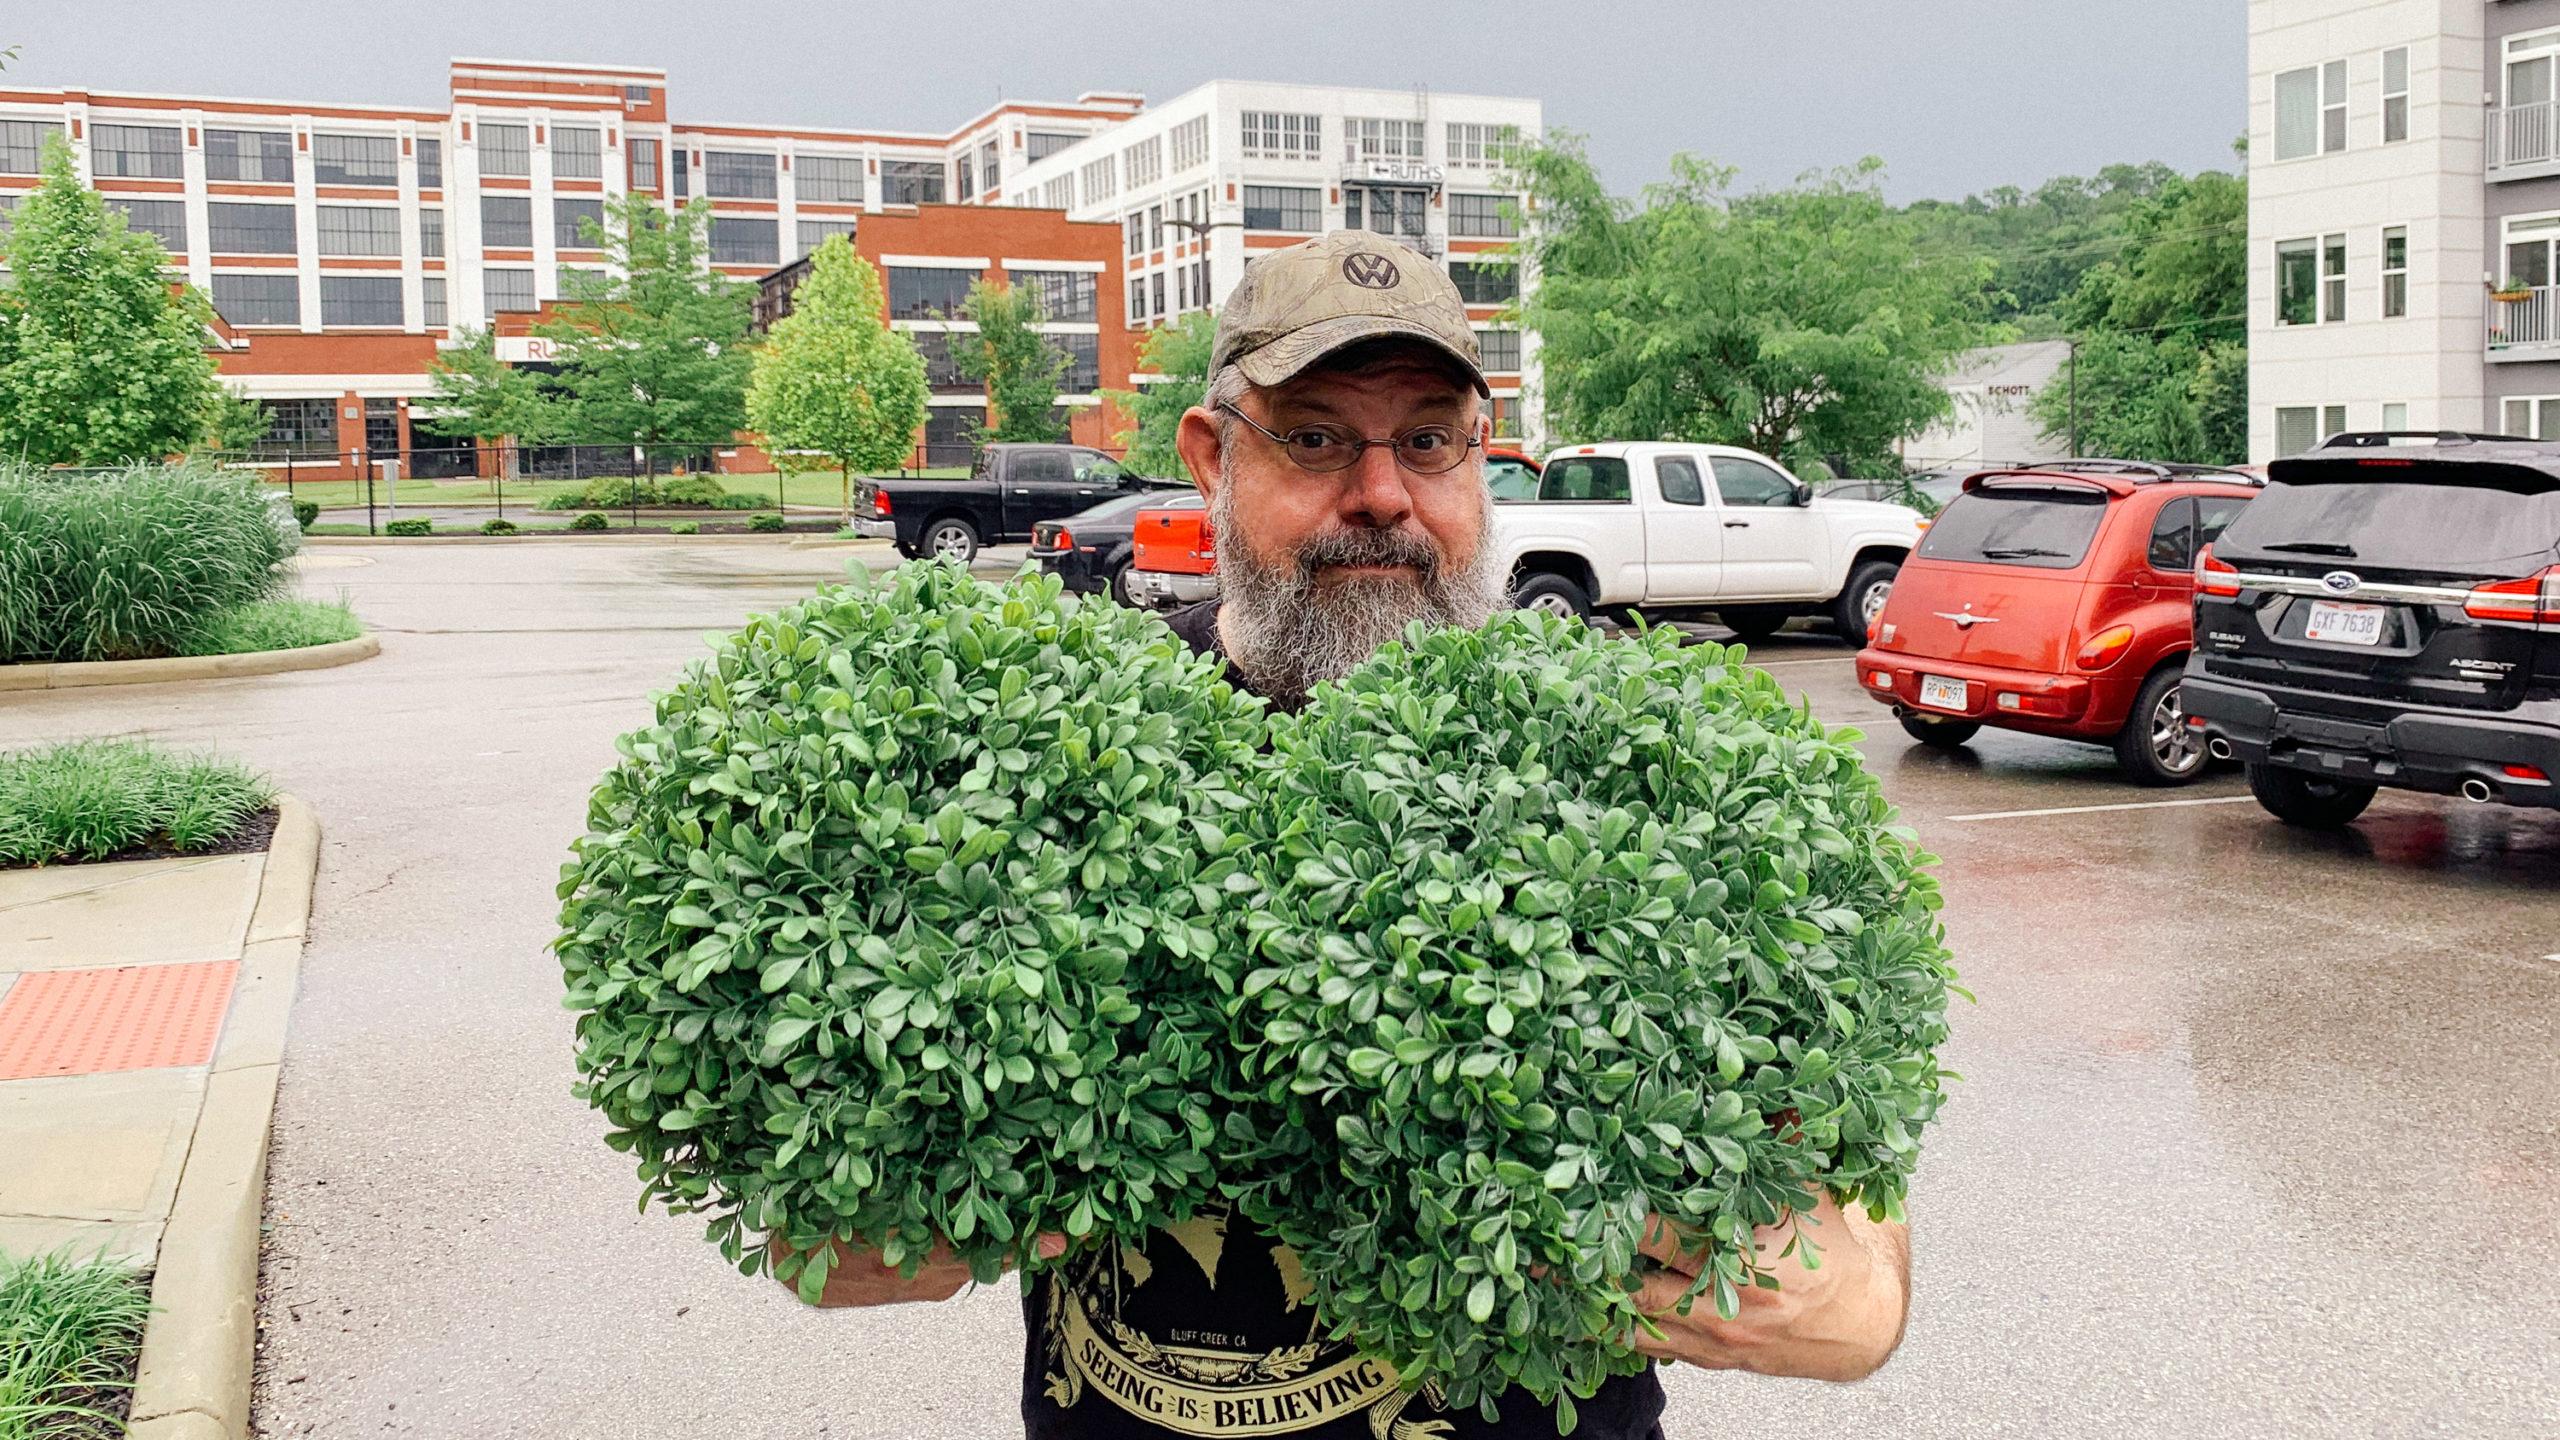 Man holding fake shrubs